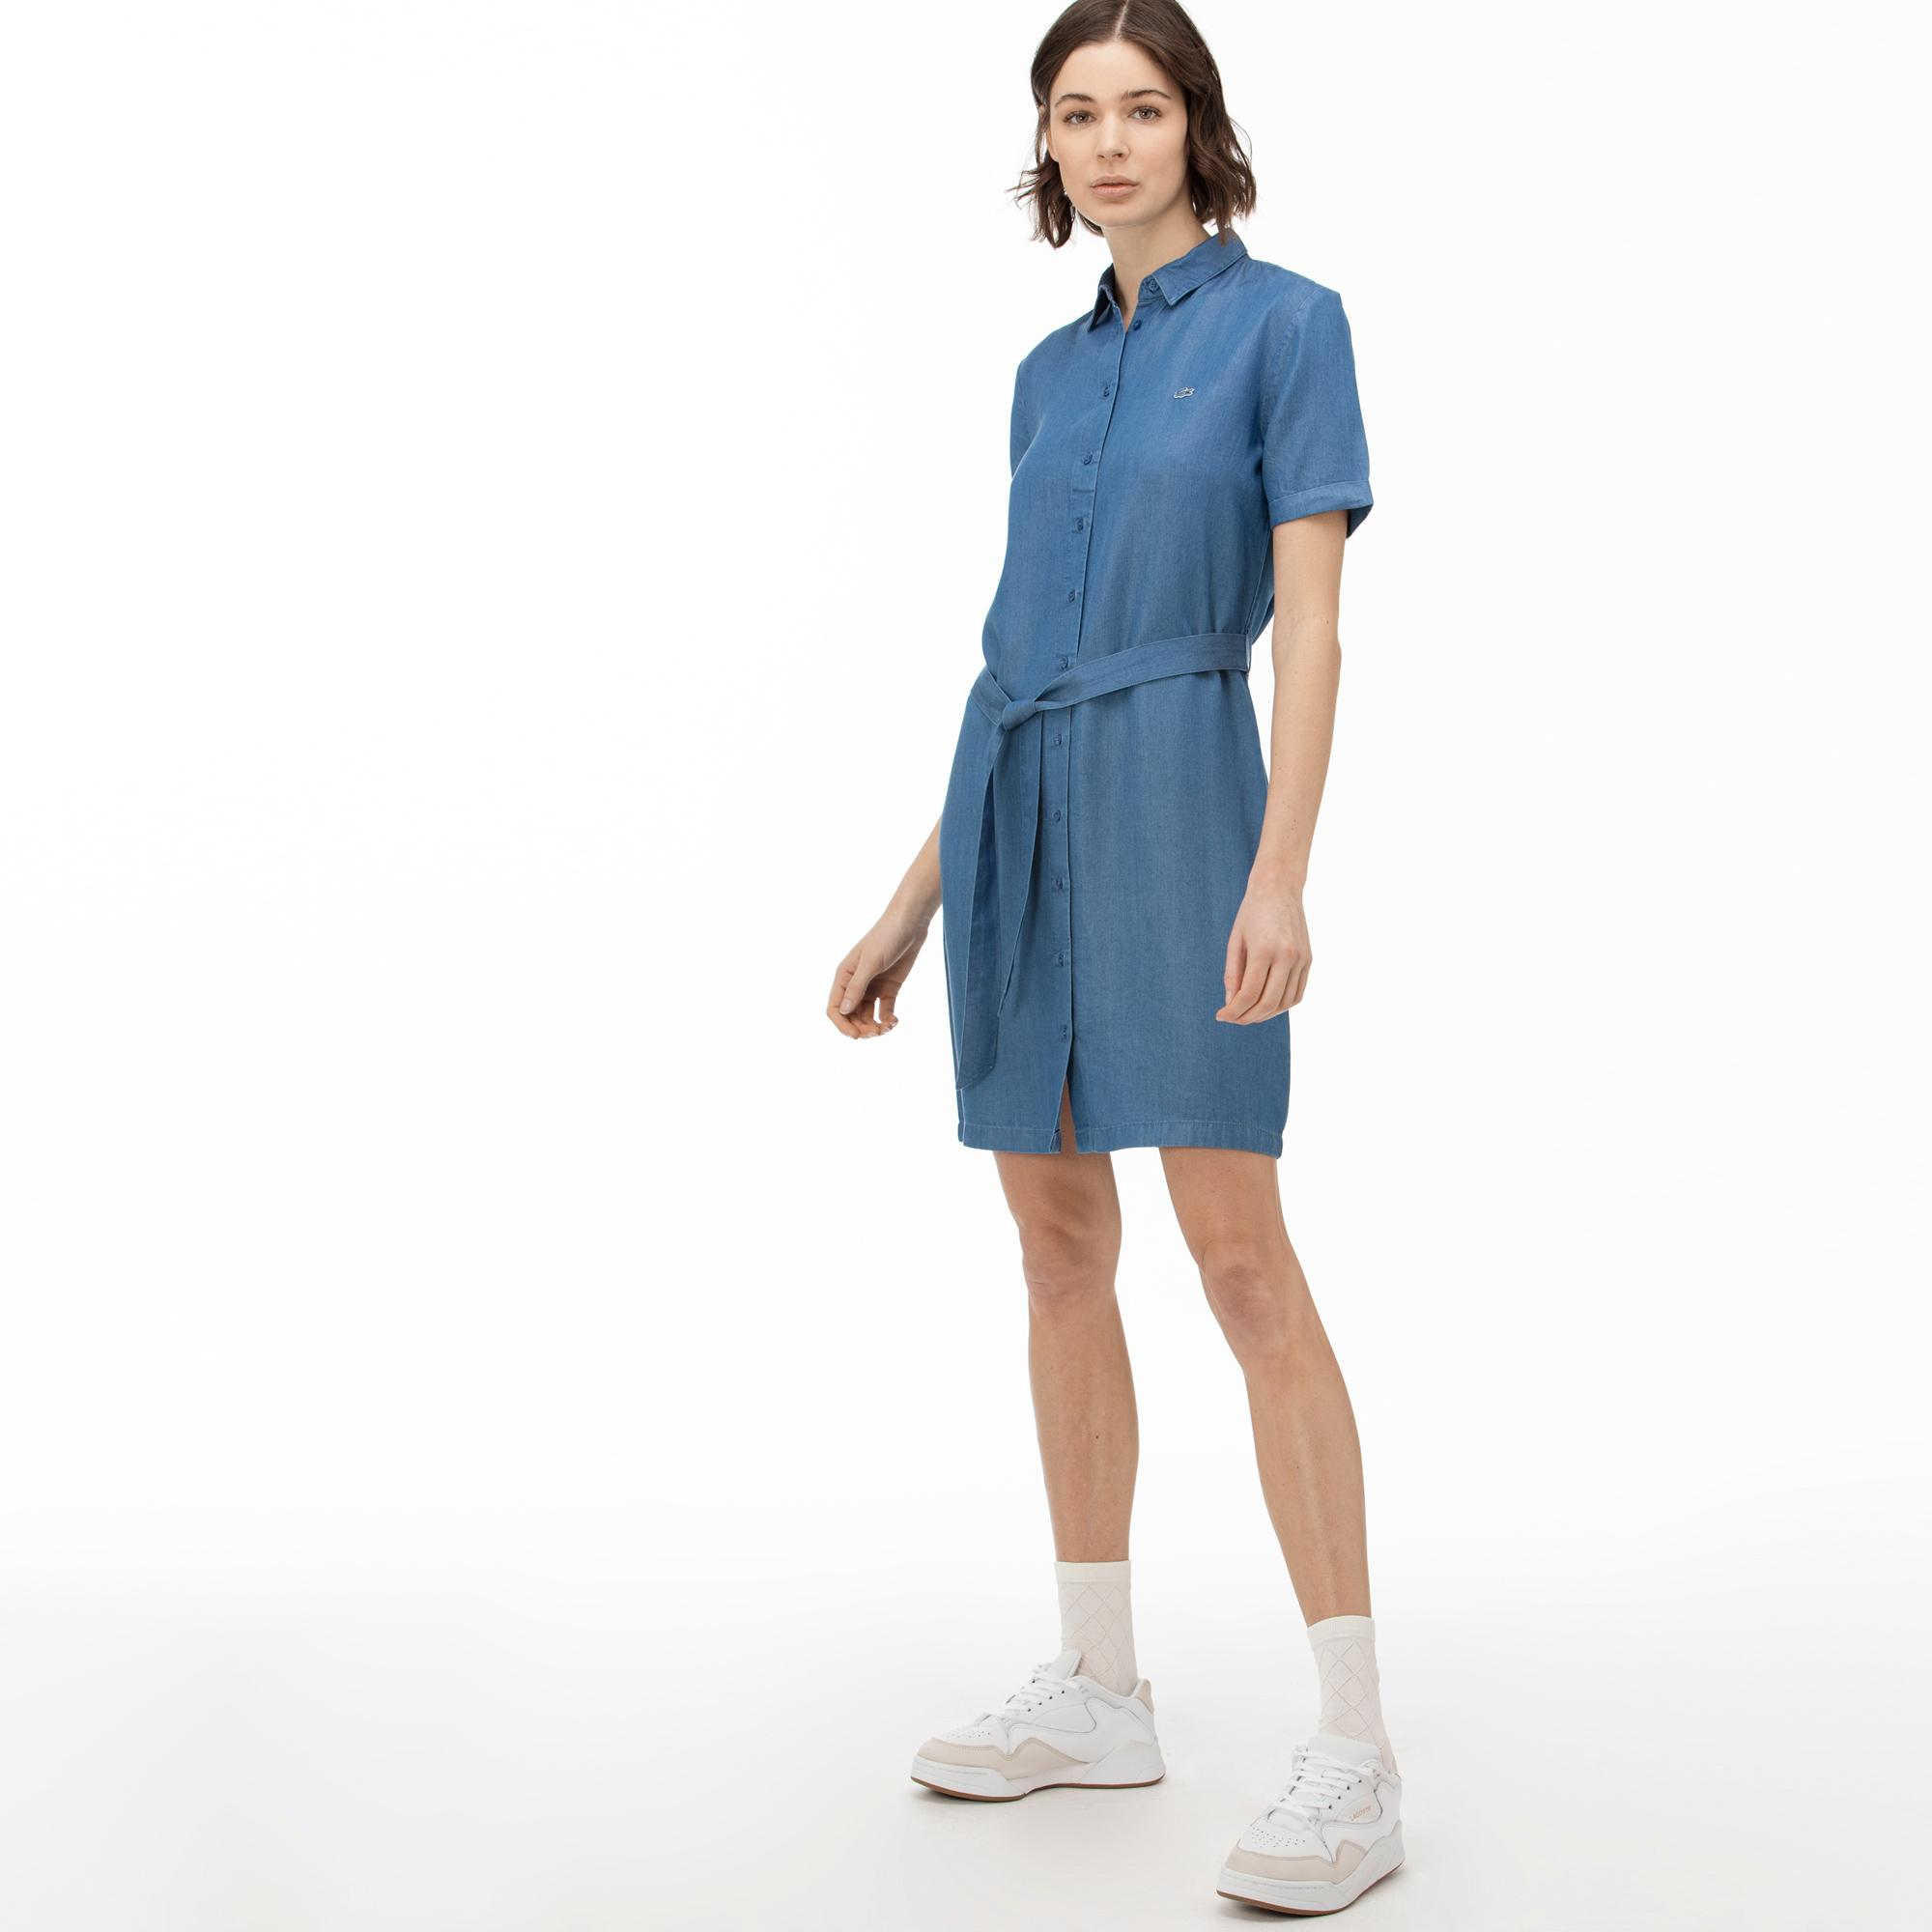 Lacoste Sukienka Damska Z Krótkimi Rękawami